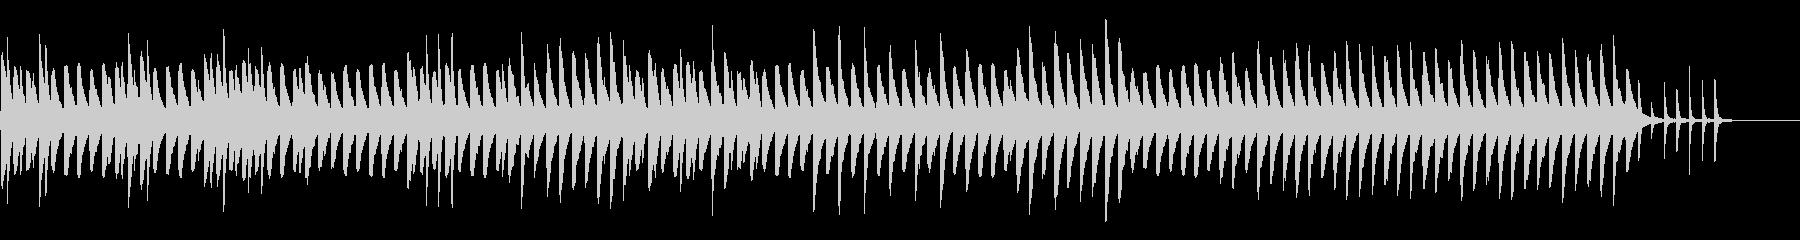 【イージーリスニング】ピアノ リラックスの未再生の波形